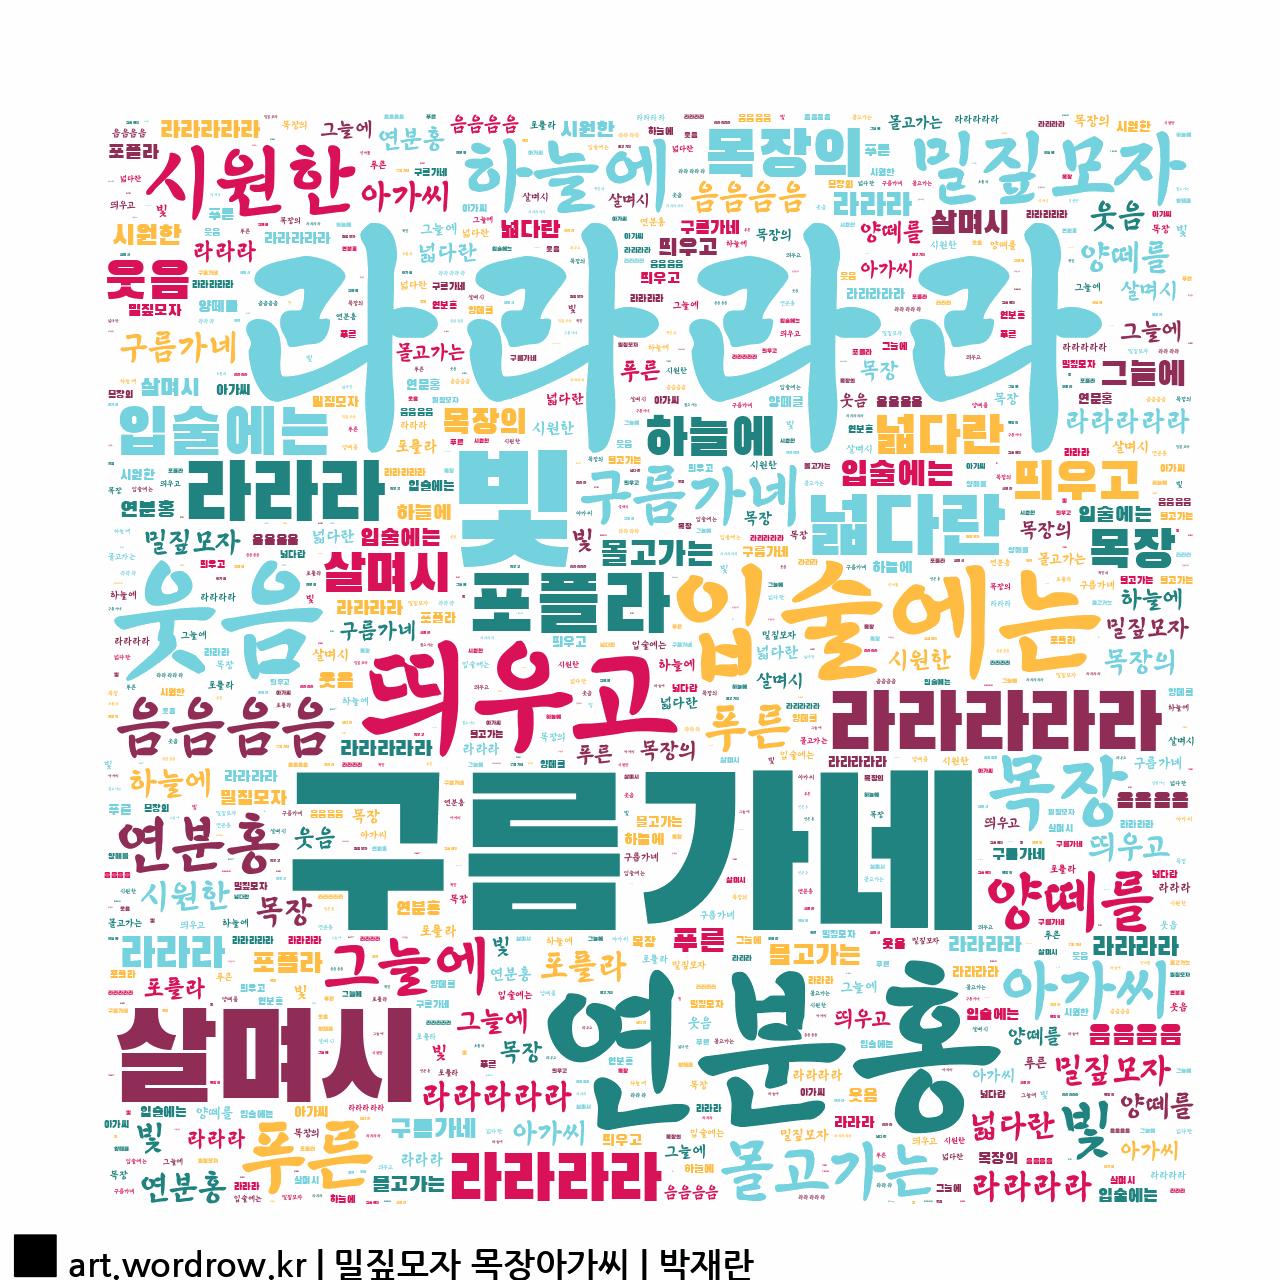 워드 클라우드: 밀짚모자 목장아가씨 [박재란]-5